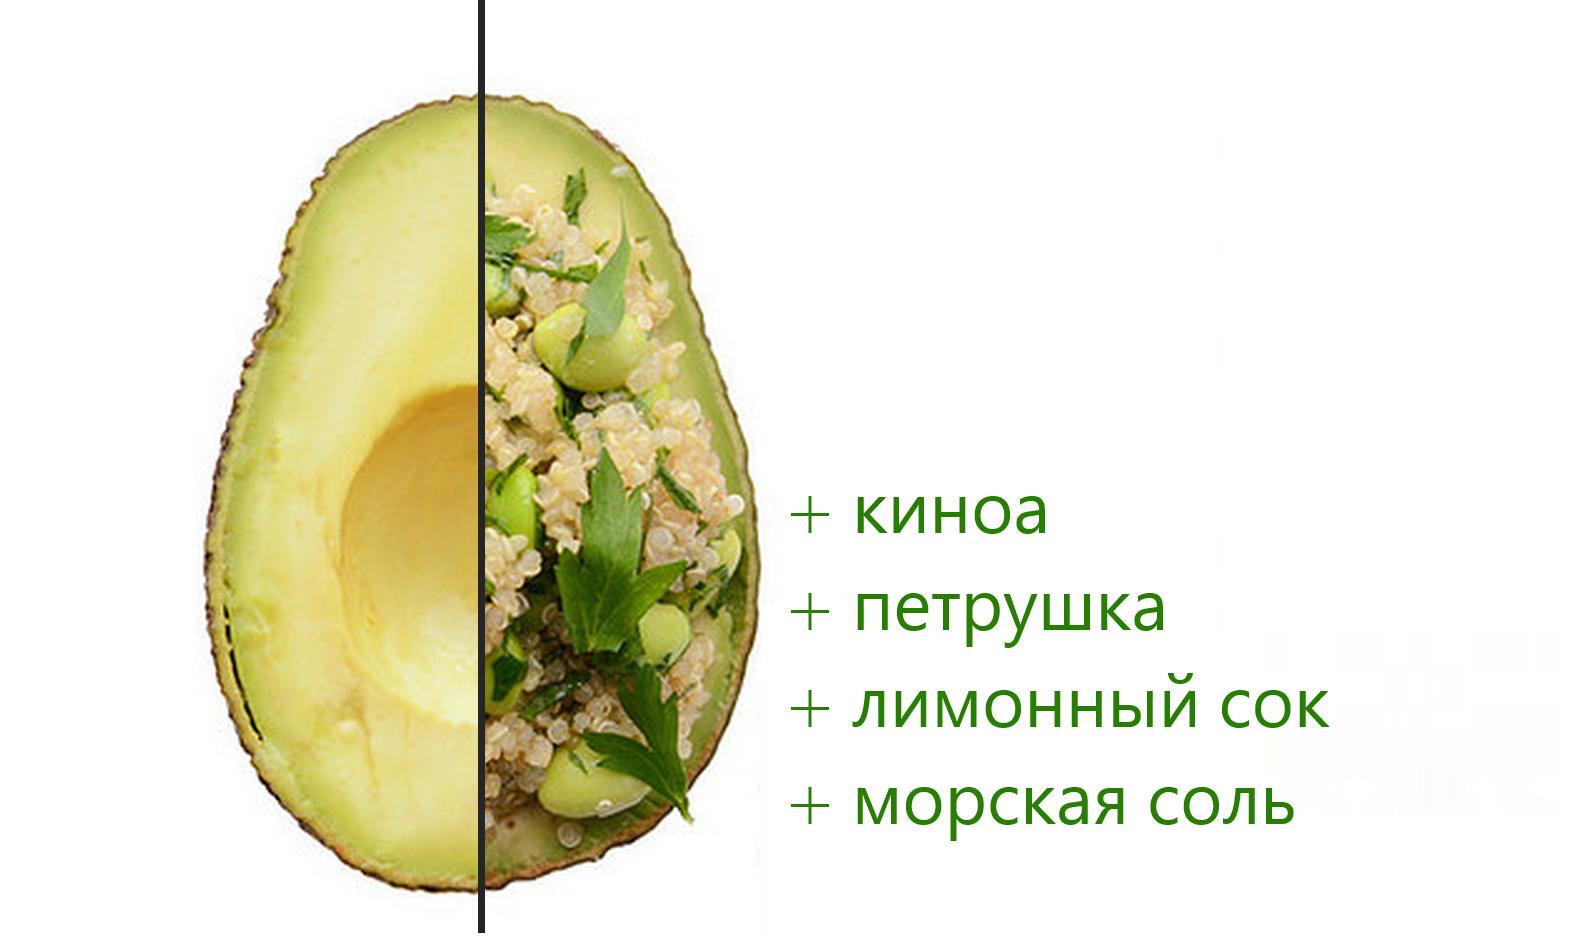 сочетание продуктов для похудения рецепты